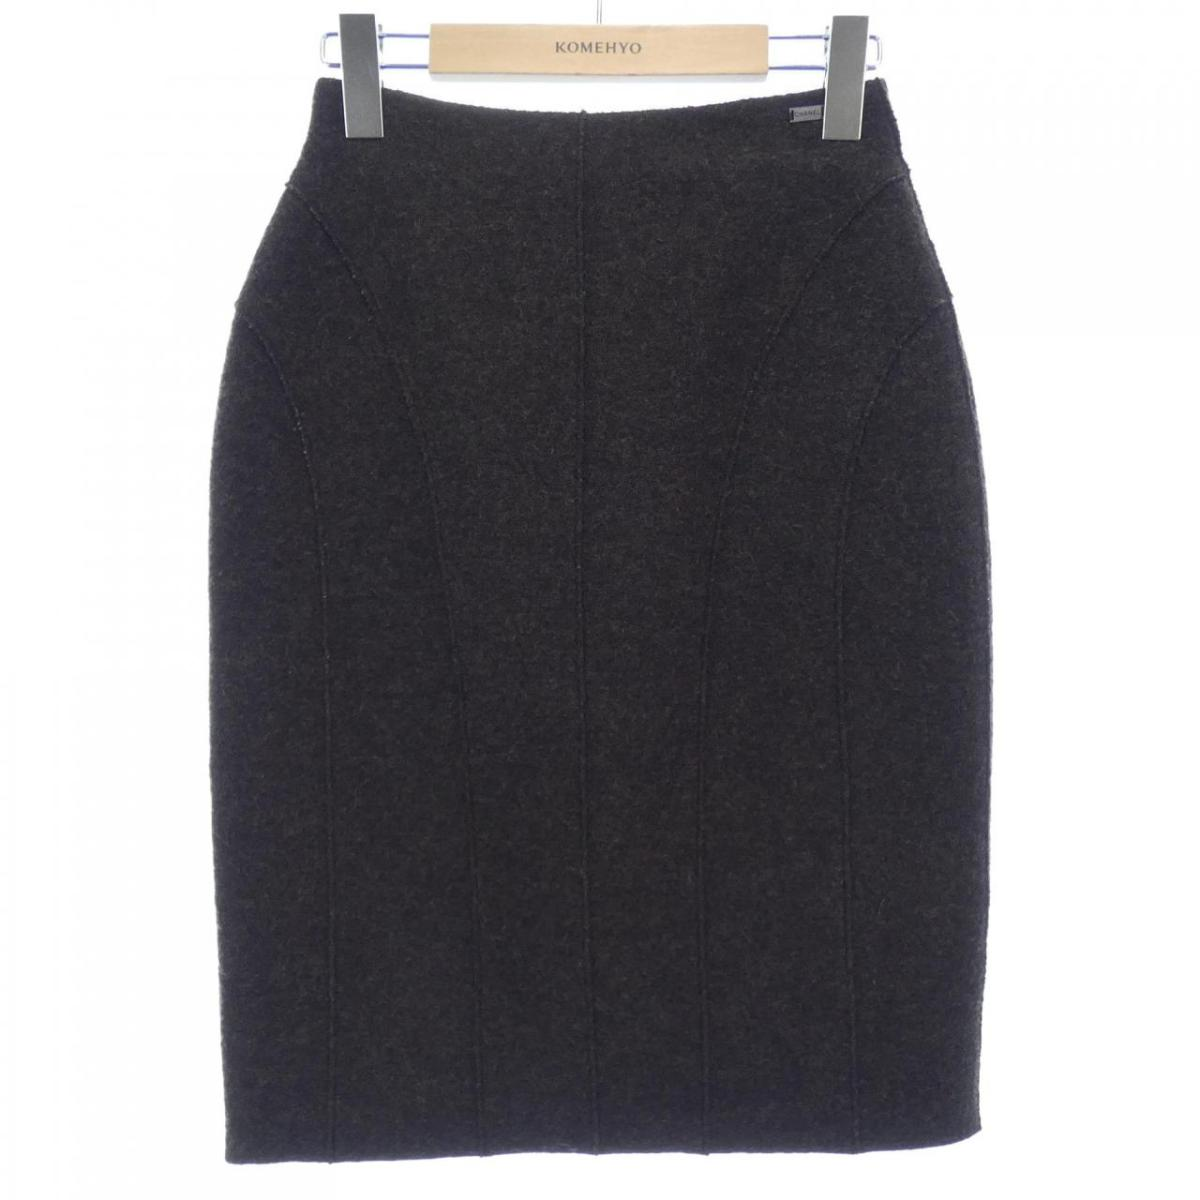 ヴィンテージ 店内限界値引き中&セルフラッピング無料 シャネル 高級品 CHANEL 中古 スカート